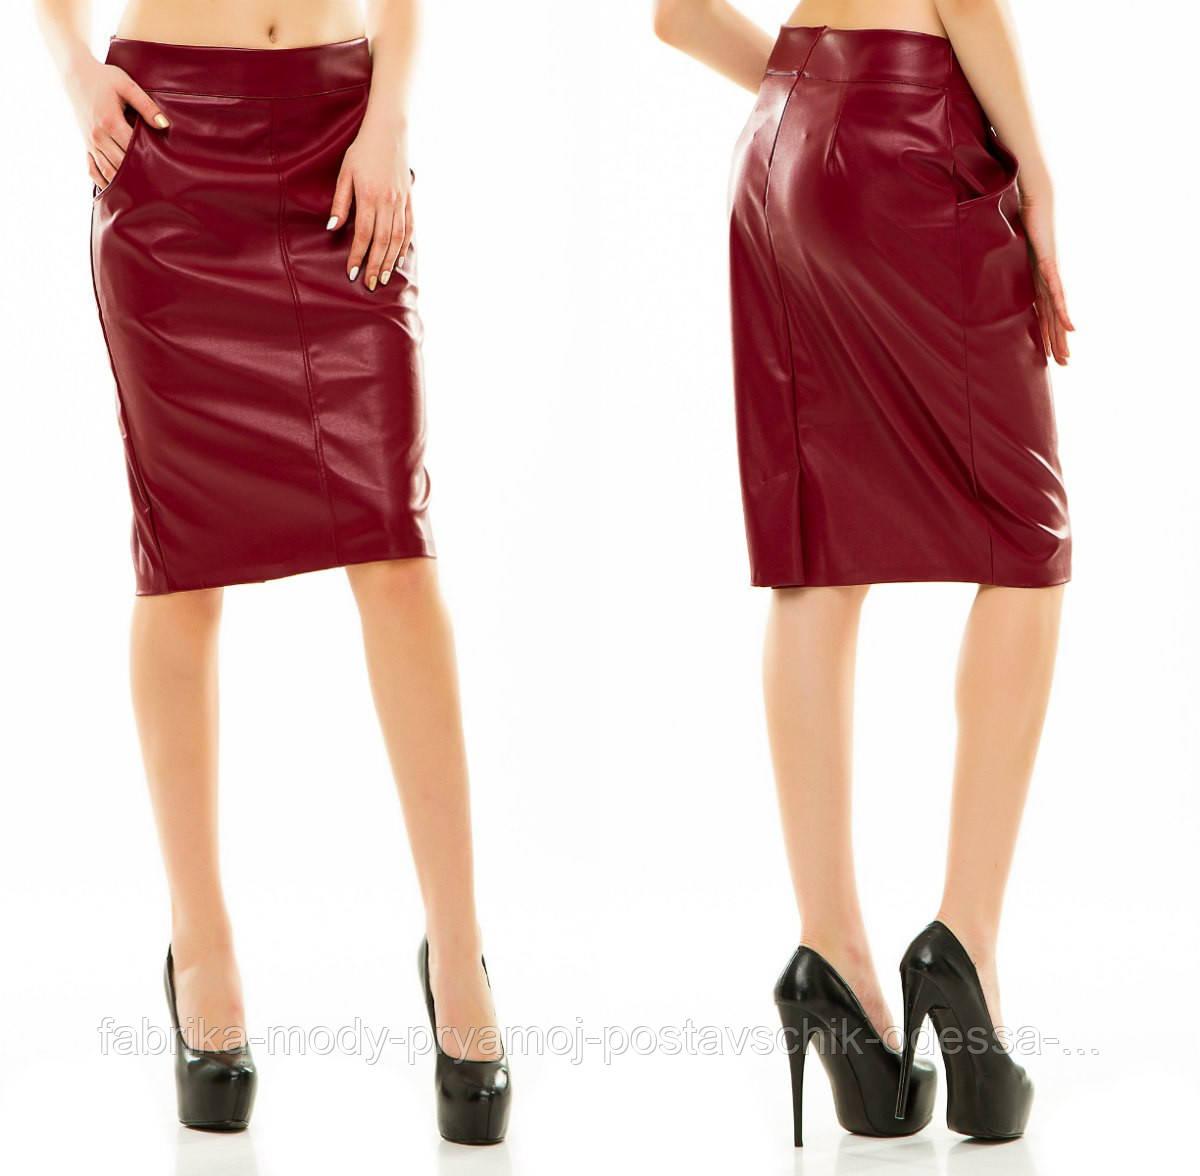 Оптом и розница  юбка с экокожы